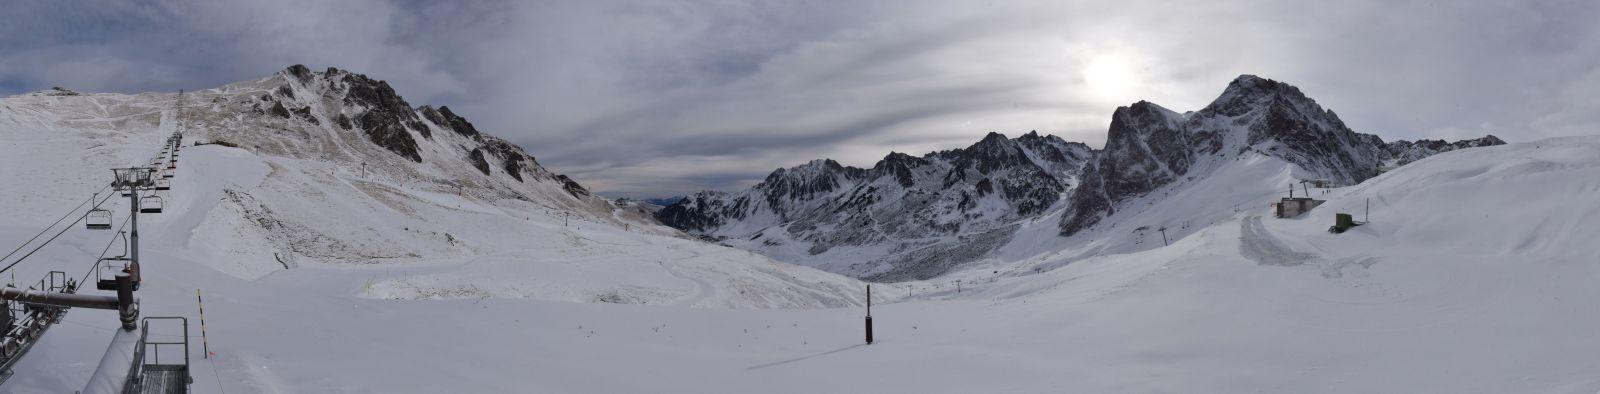 Image d'illustration pour Enneigement sur les Alpes et les Pyrénées à la mi-janvier